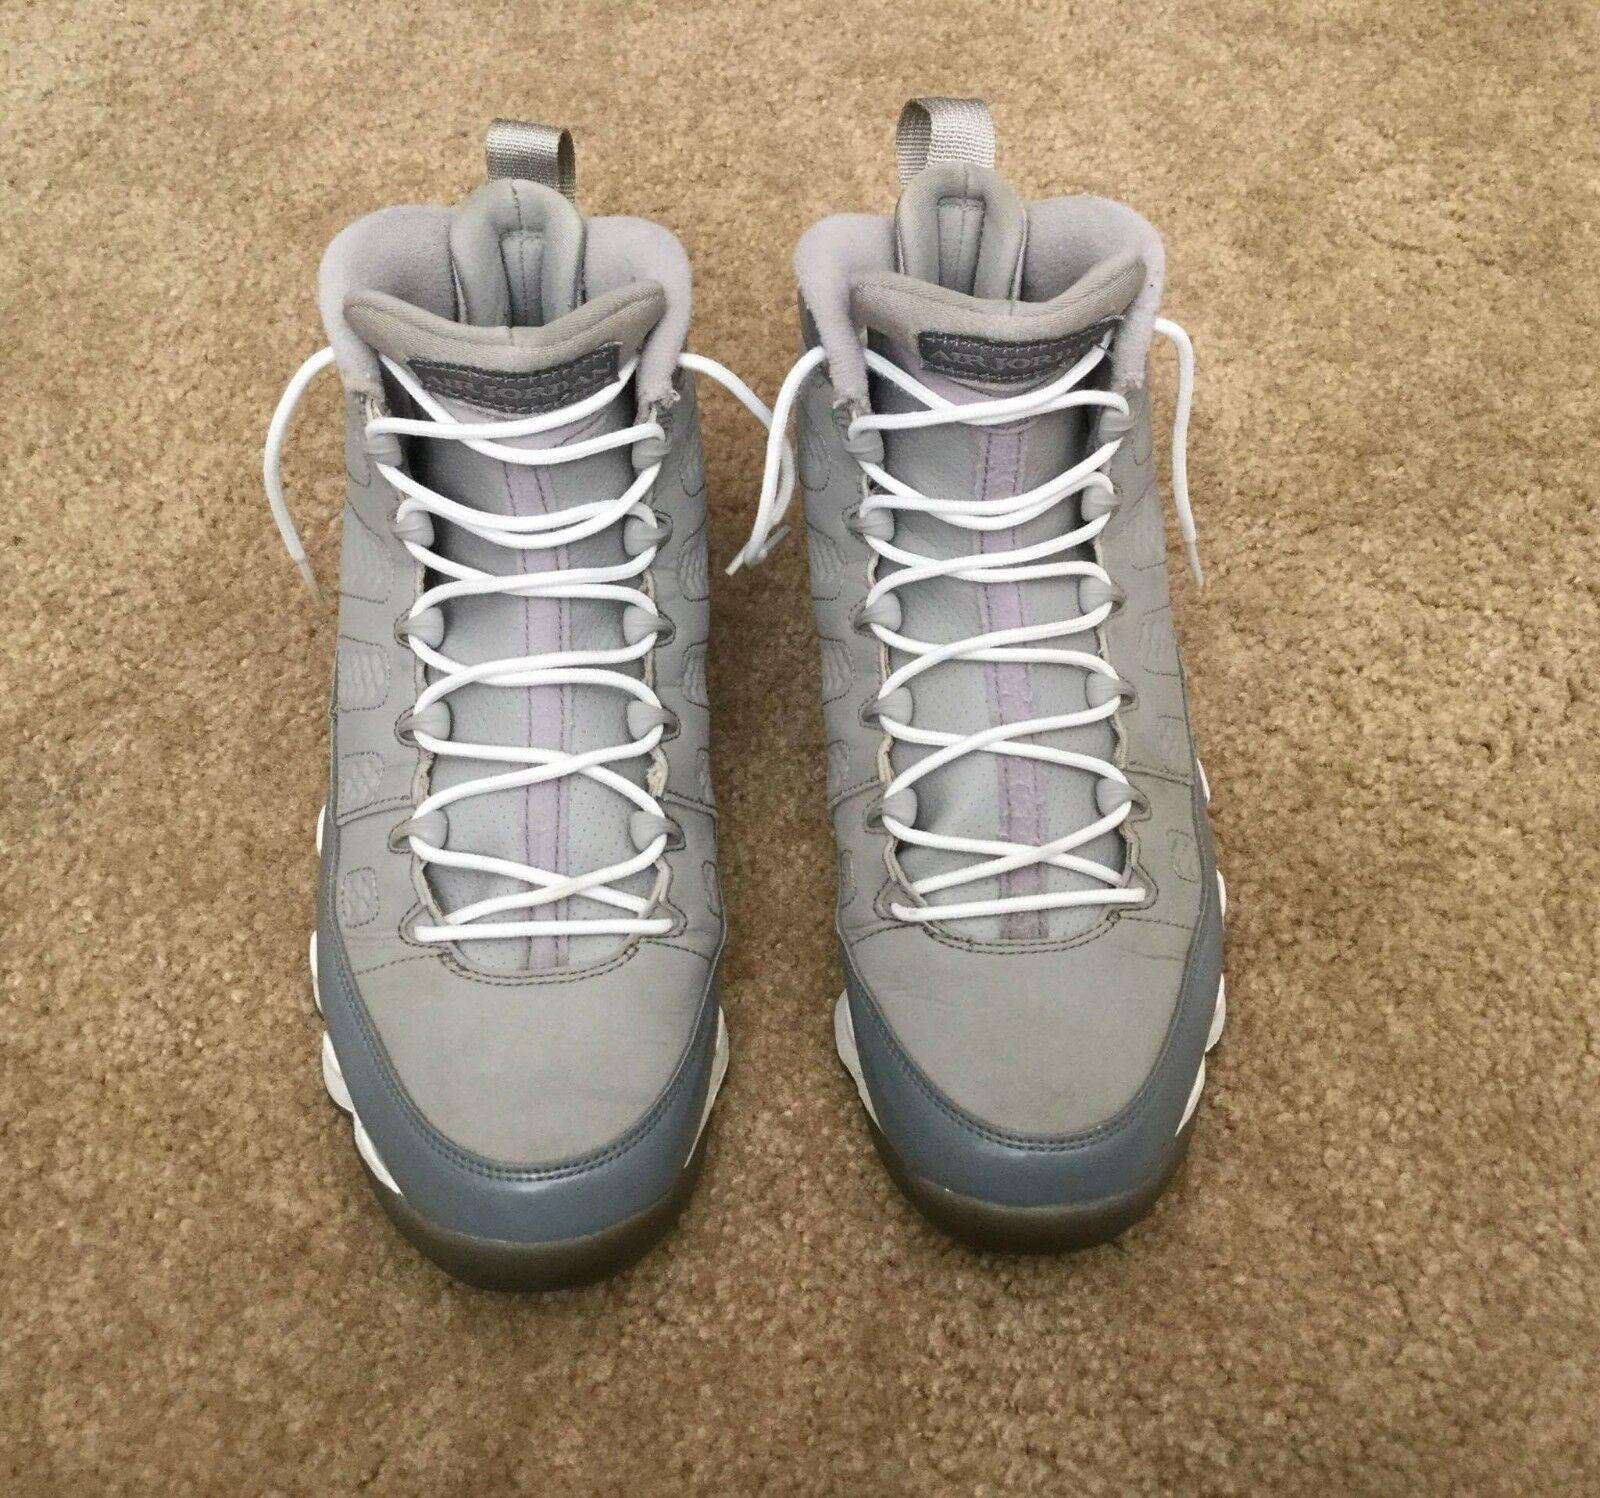 Air jordan ix 9 (cool grey)